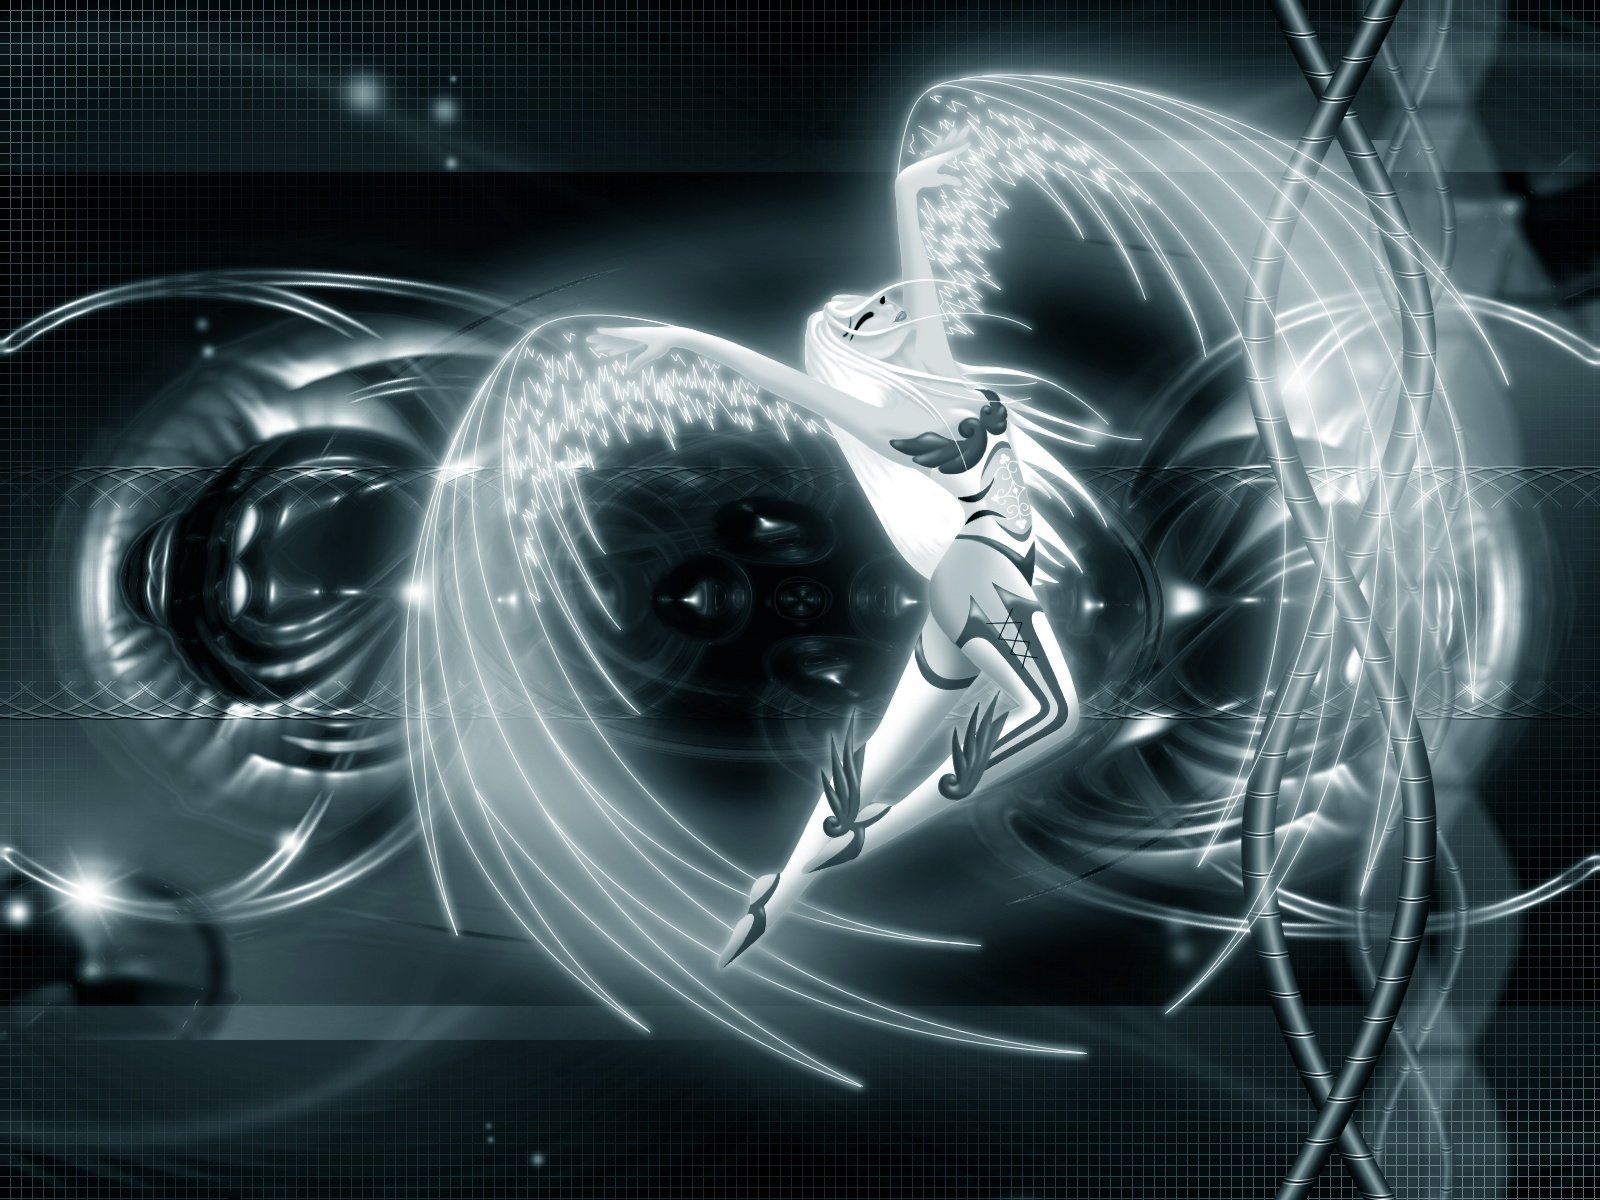 Angels Wallpapers For Desktop 3d: Angel Wallpapers